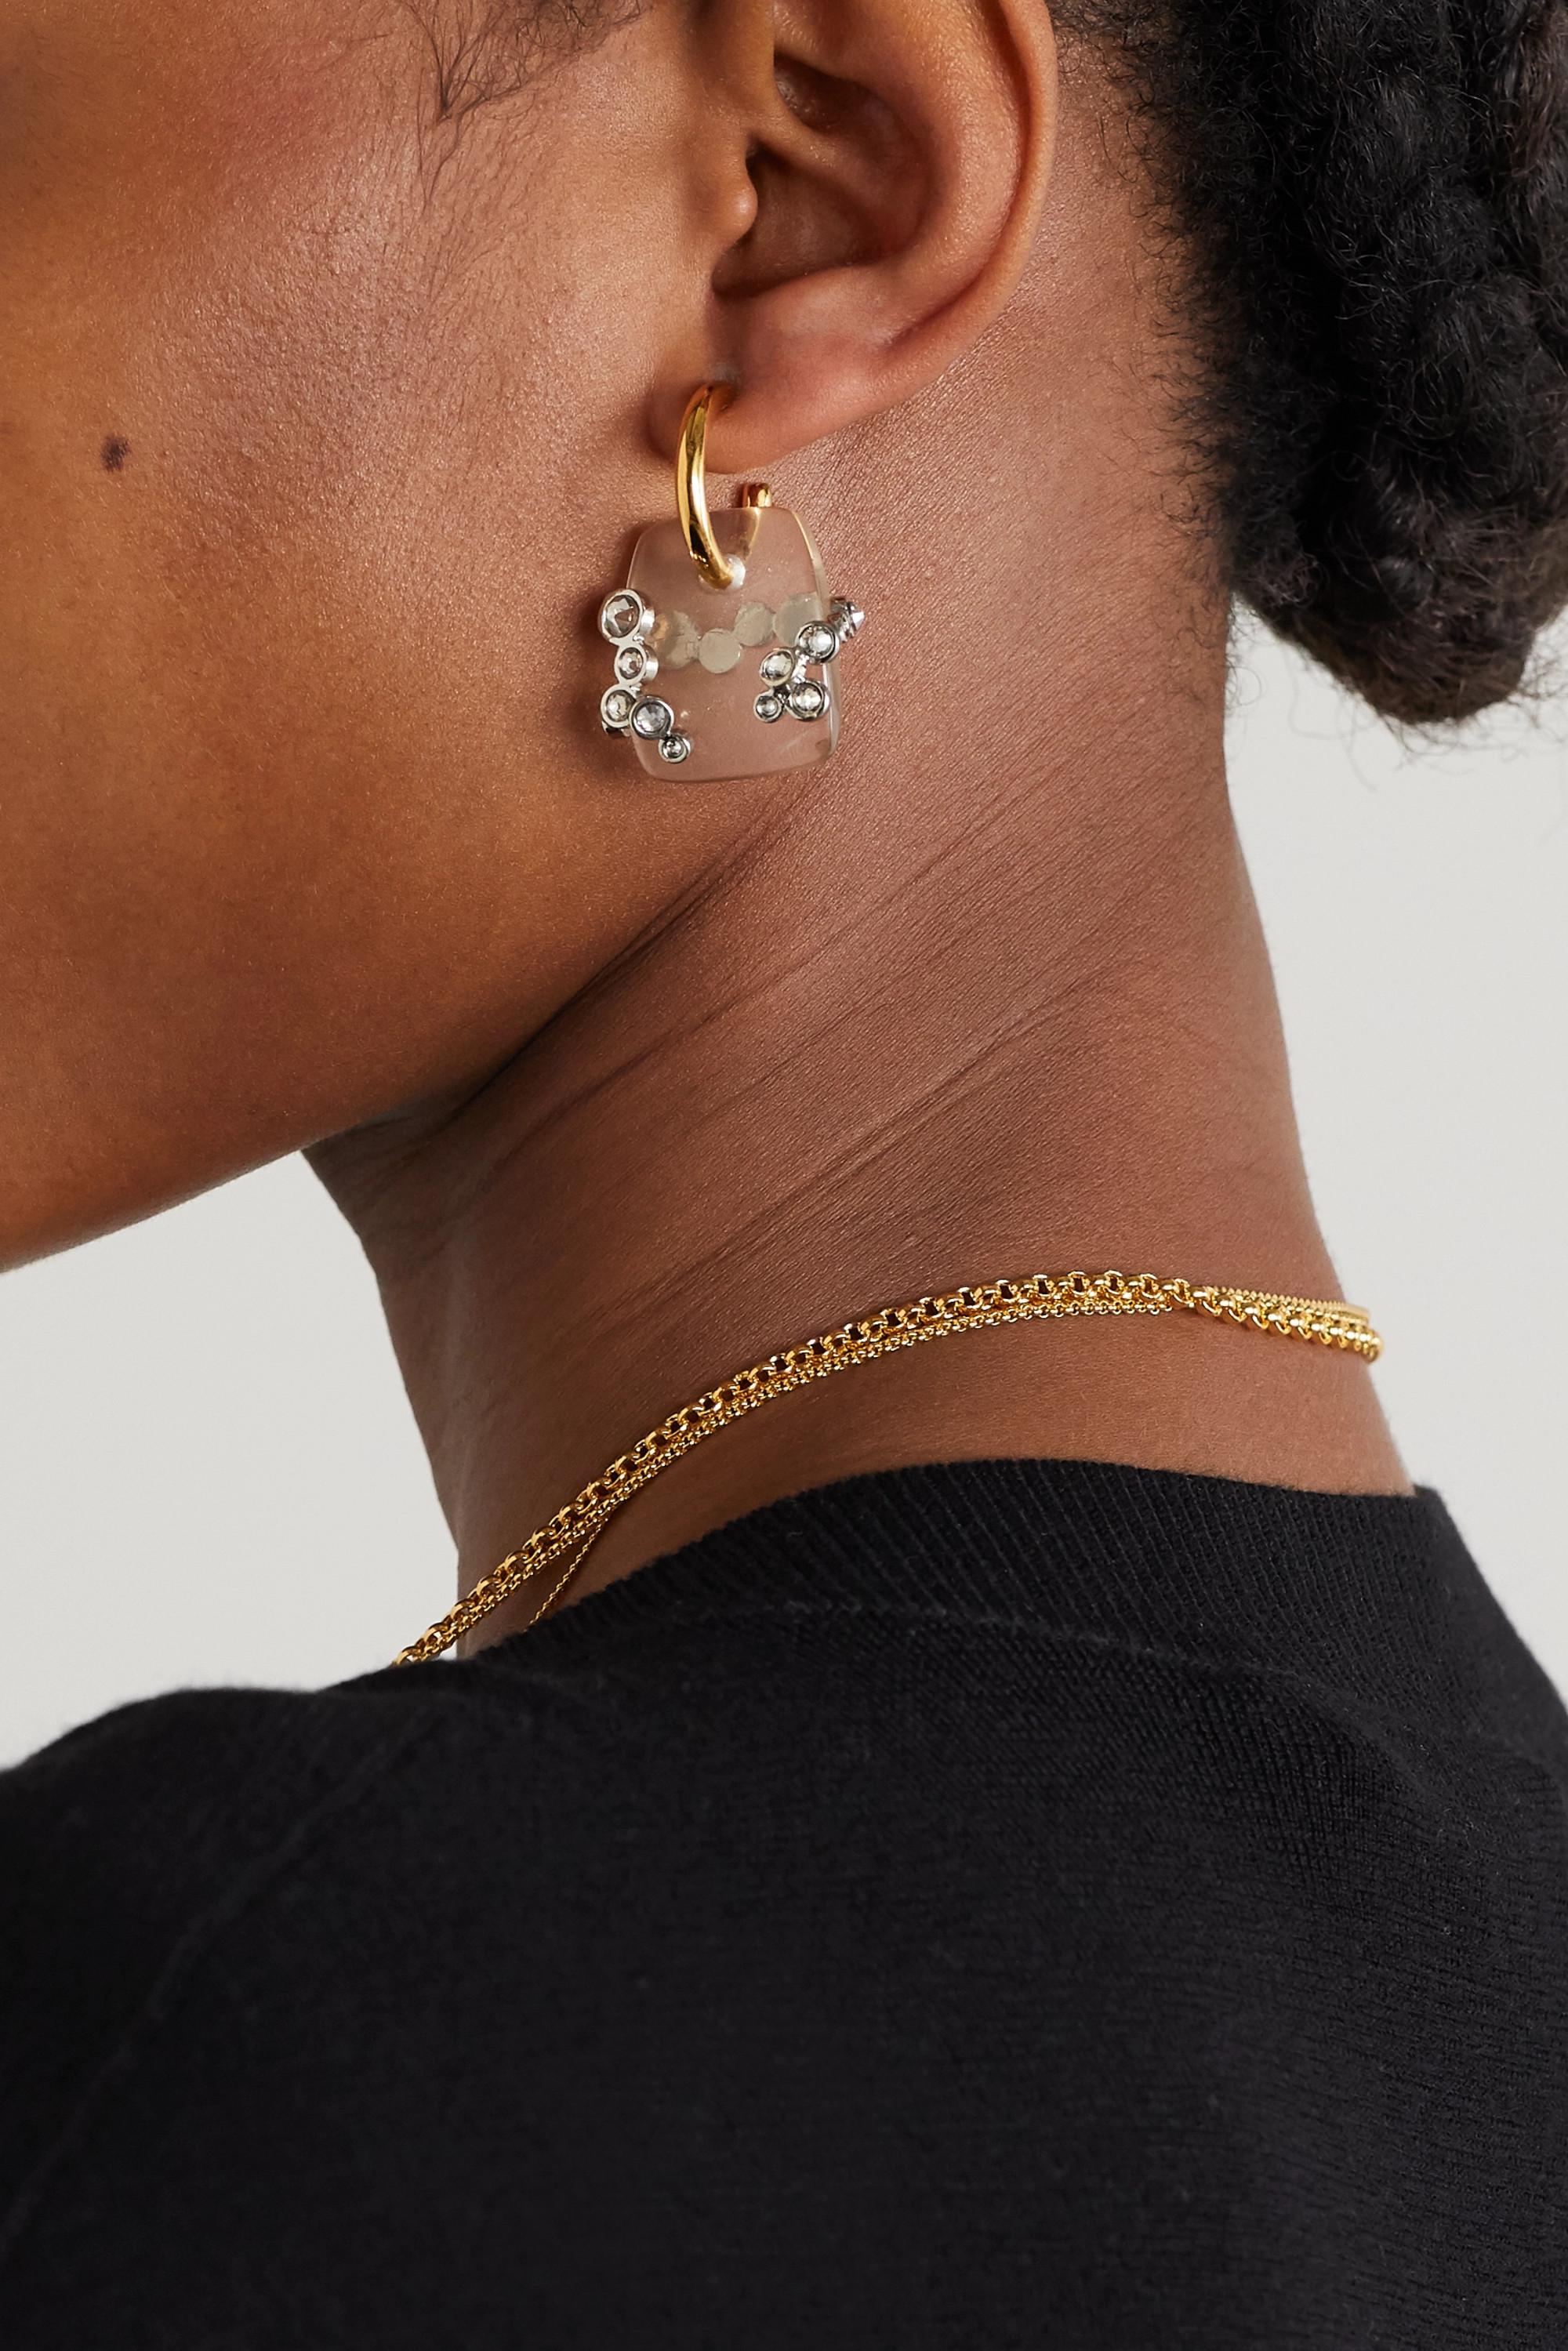 Chloé Goldfarbene Creolen mit Quarzen und Kristallen